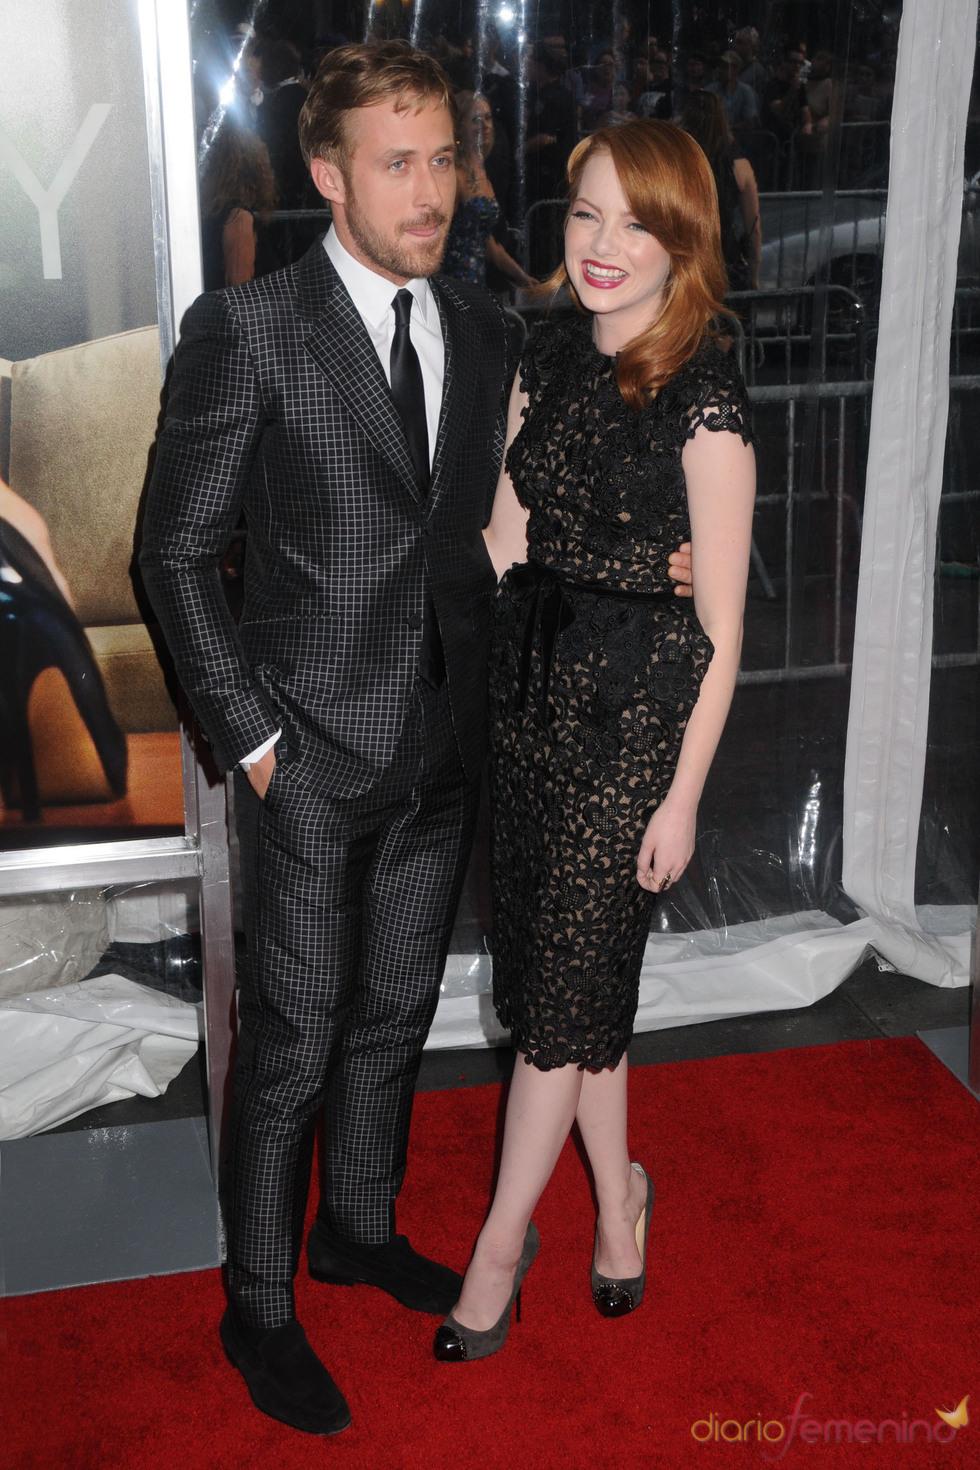 Ryan Gosling y Emma Stone en la premiere de 'Crazy, Stupid, Love' en Nueva York